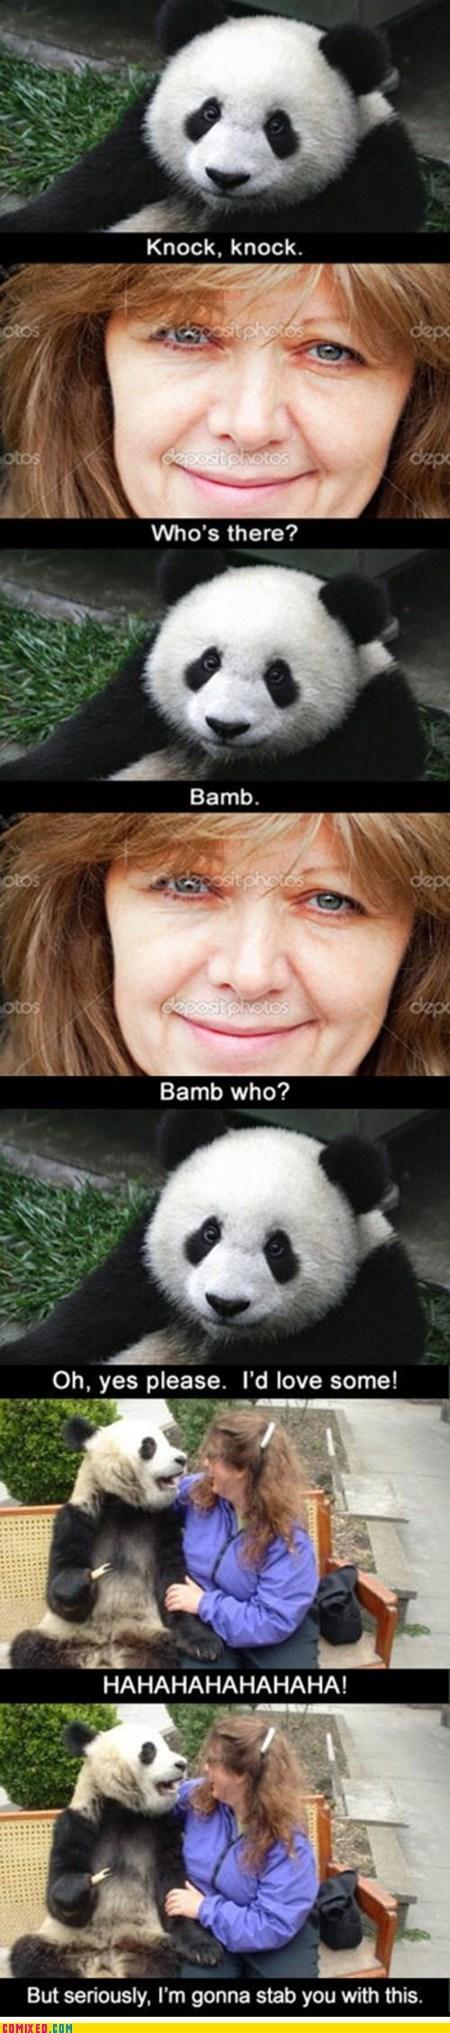 animals best of week cute knock knock panda stabbed - 6276681984